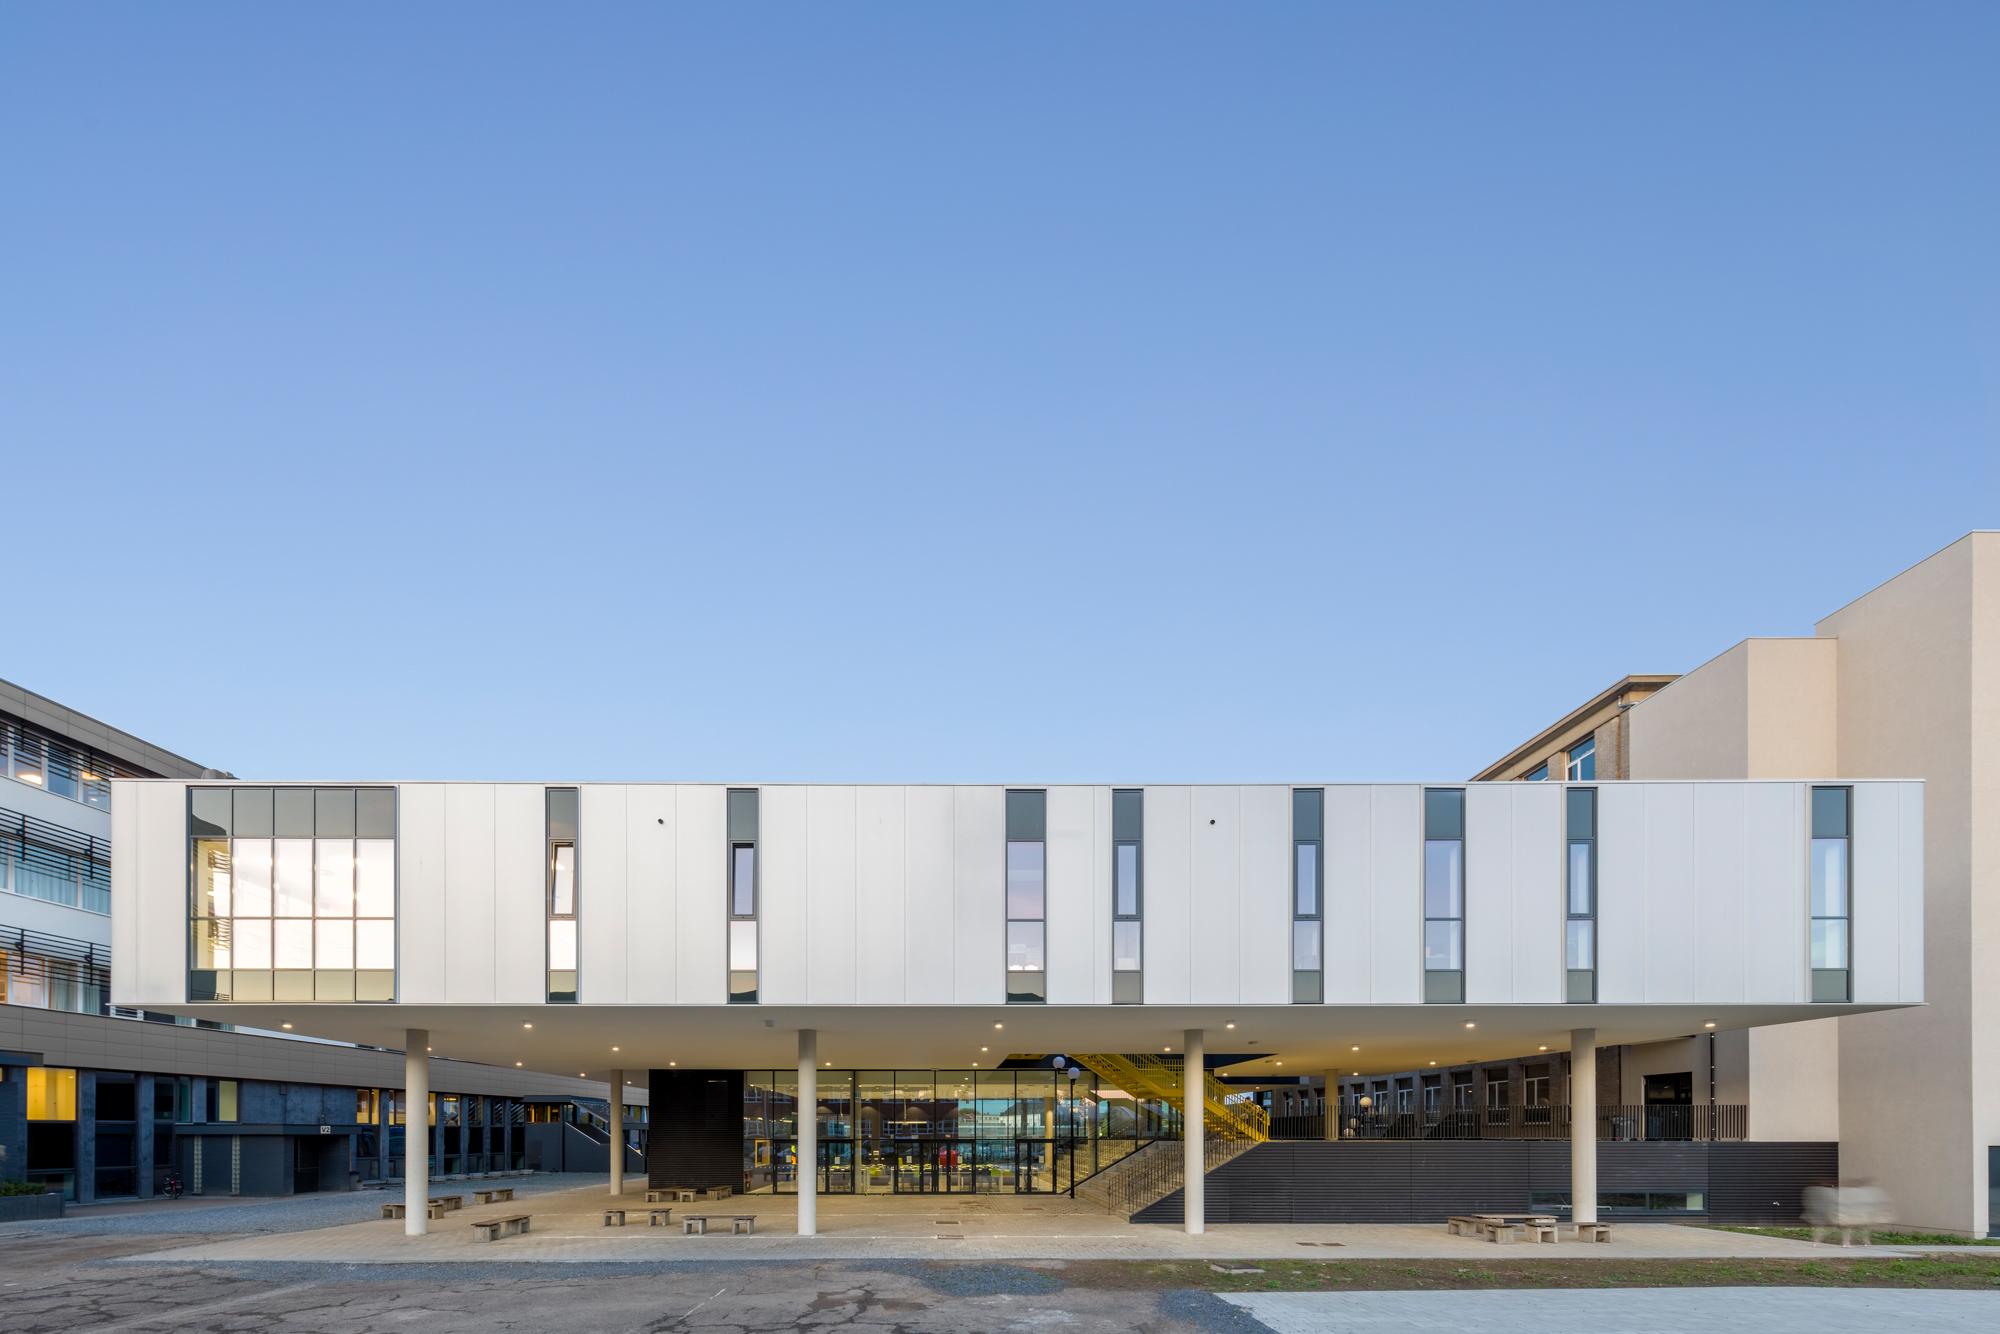 Sint Jozef Geel, designed by NOAHH and bildt.